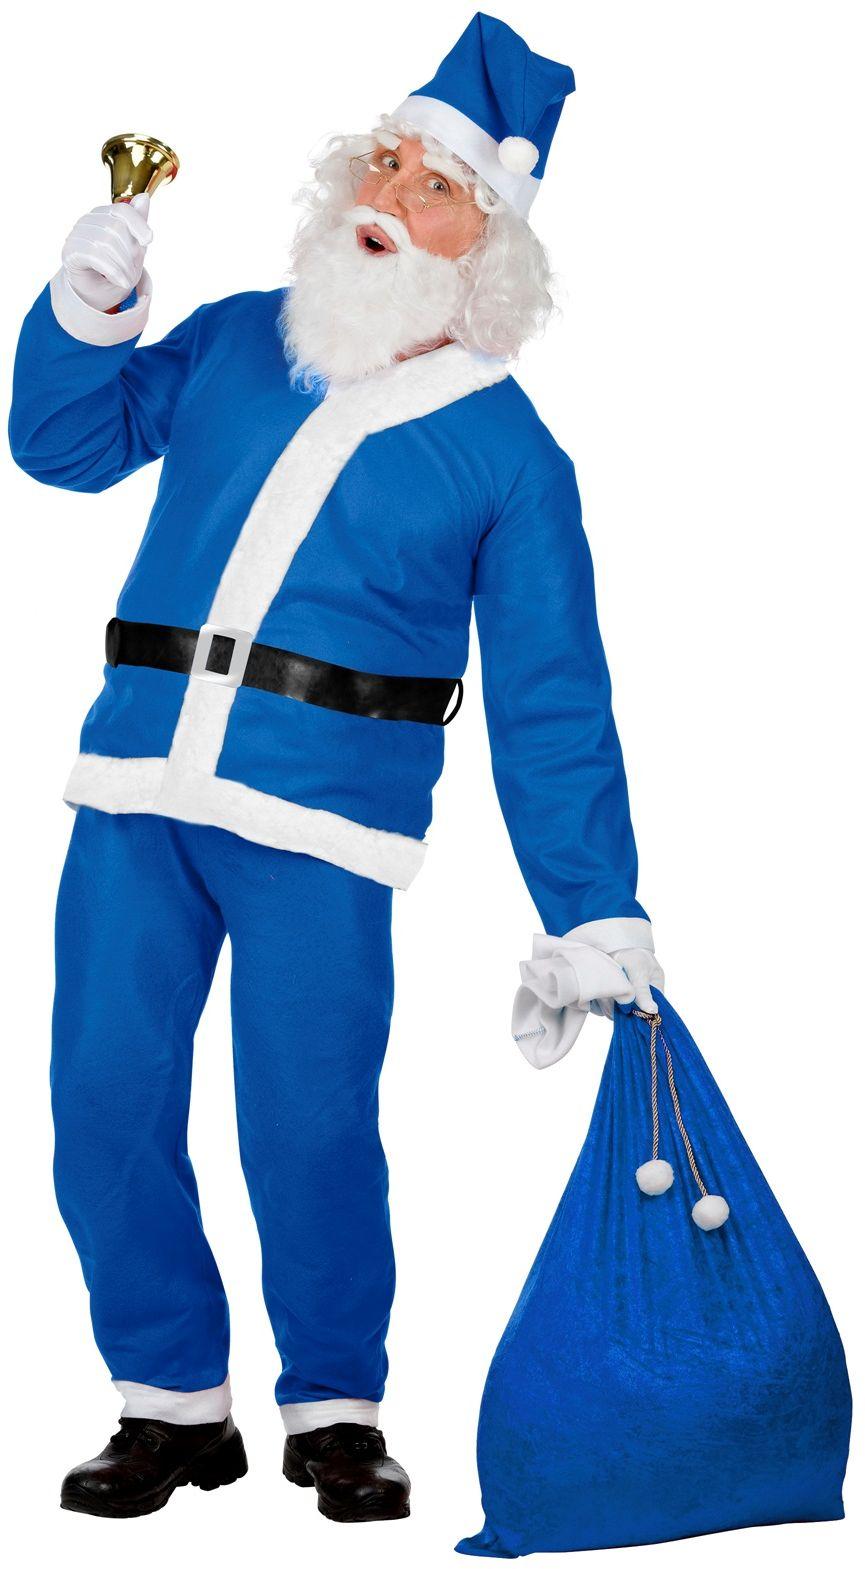 Blauwe kerstman outfit